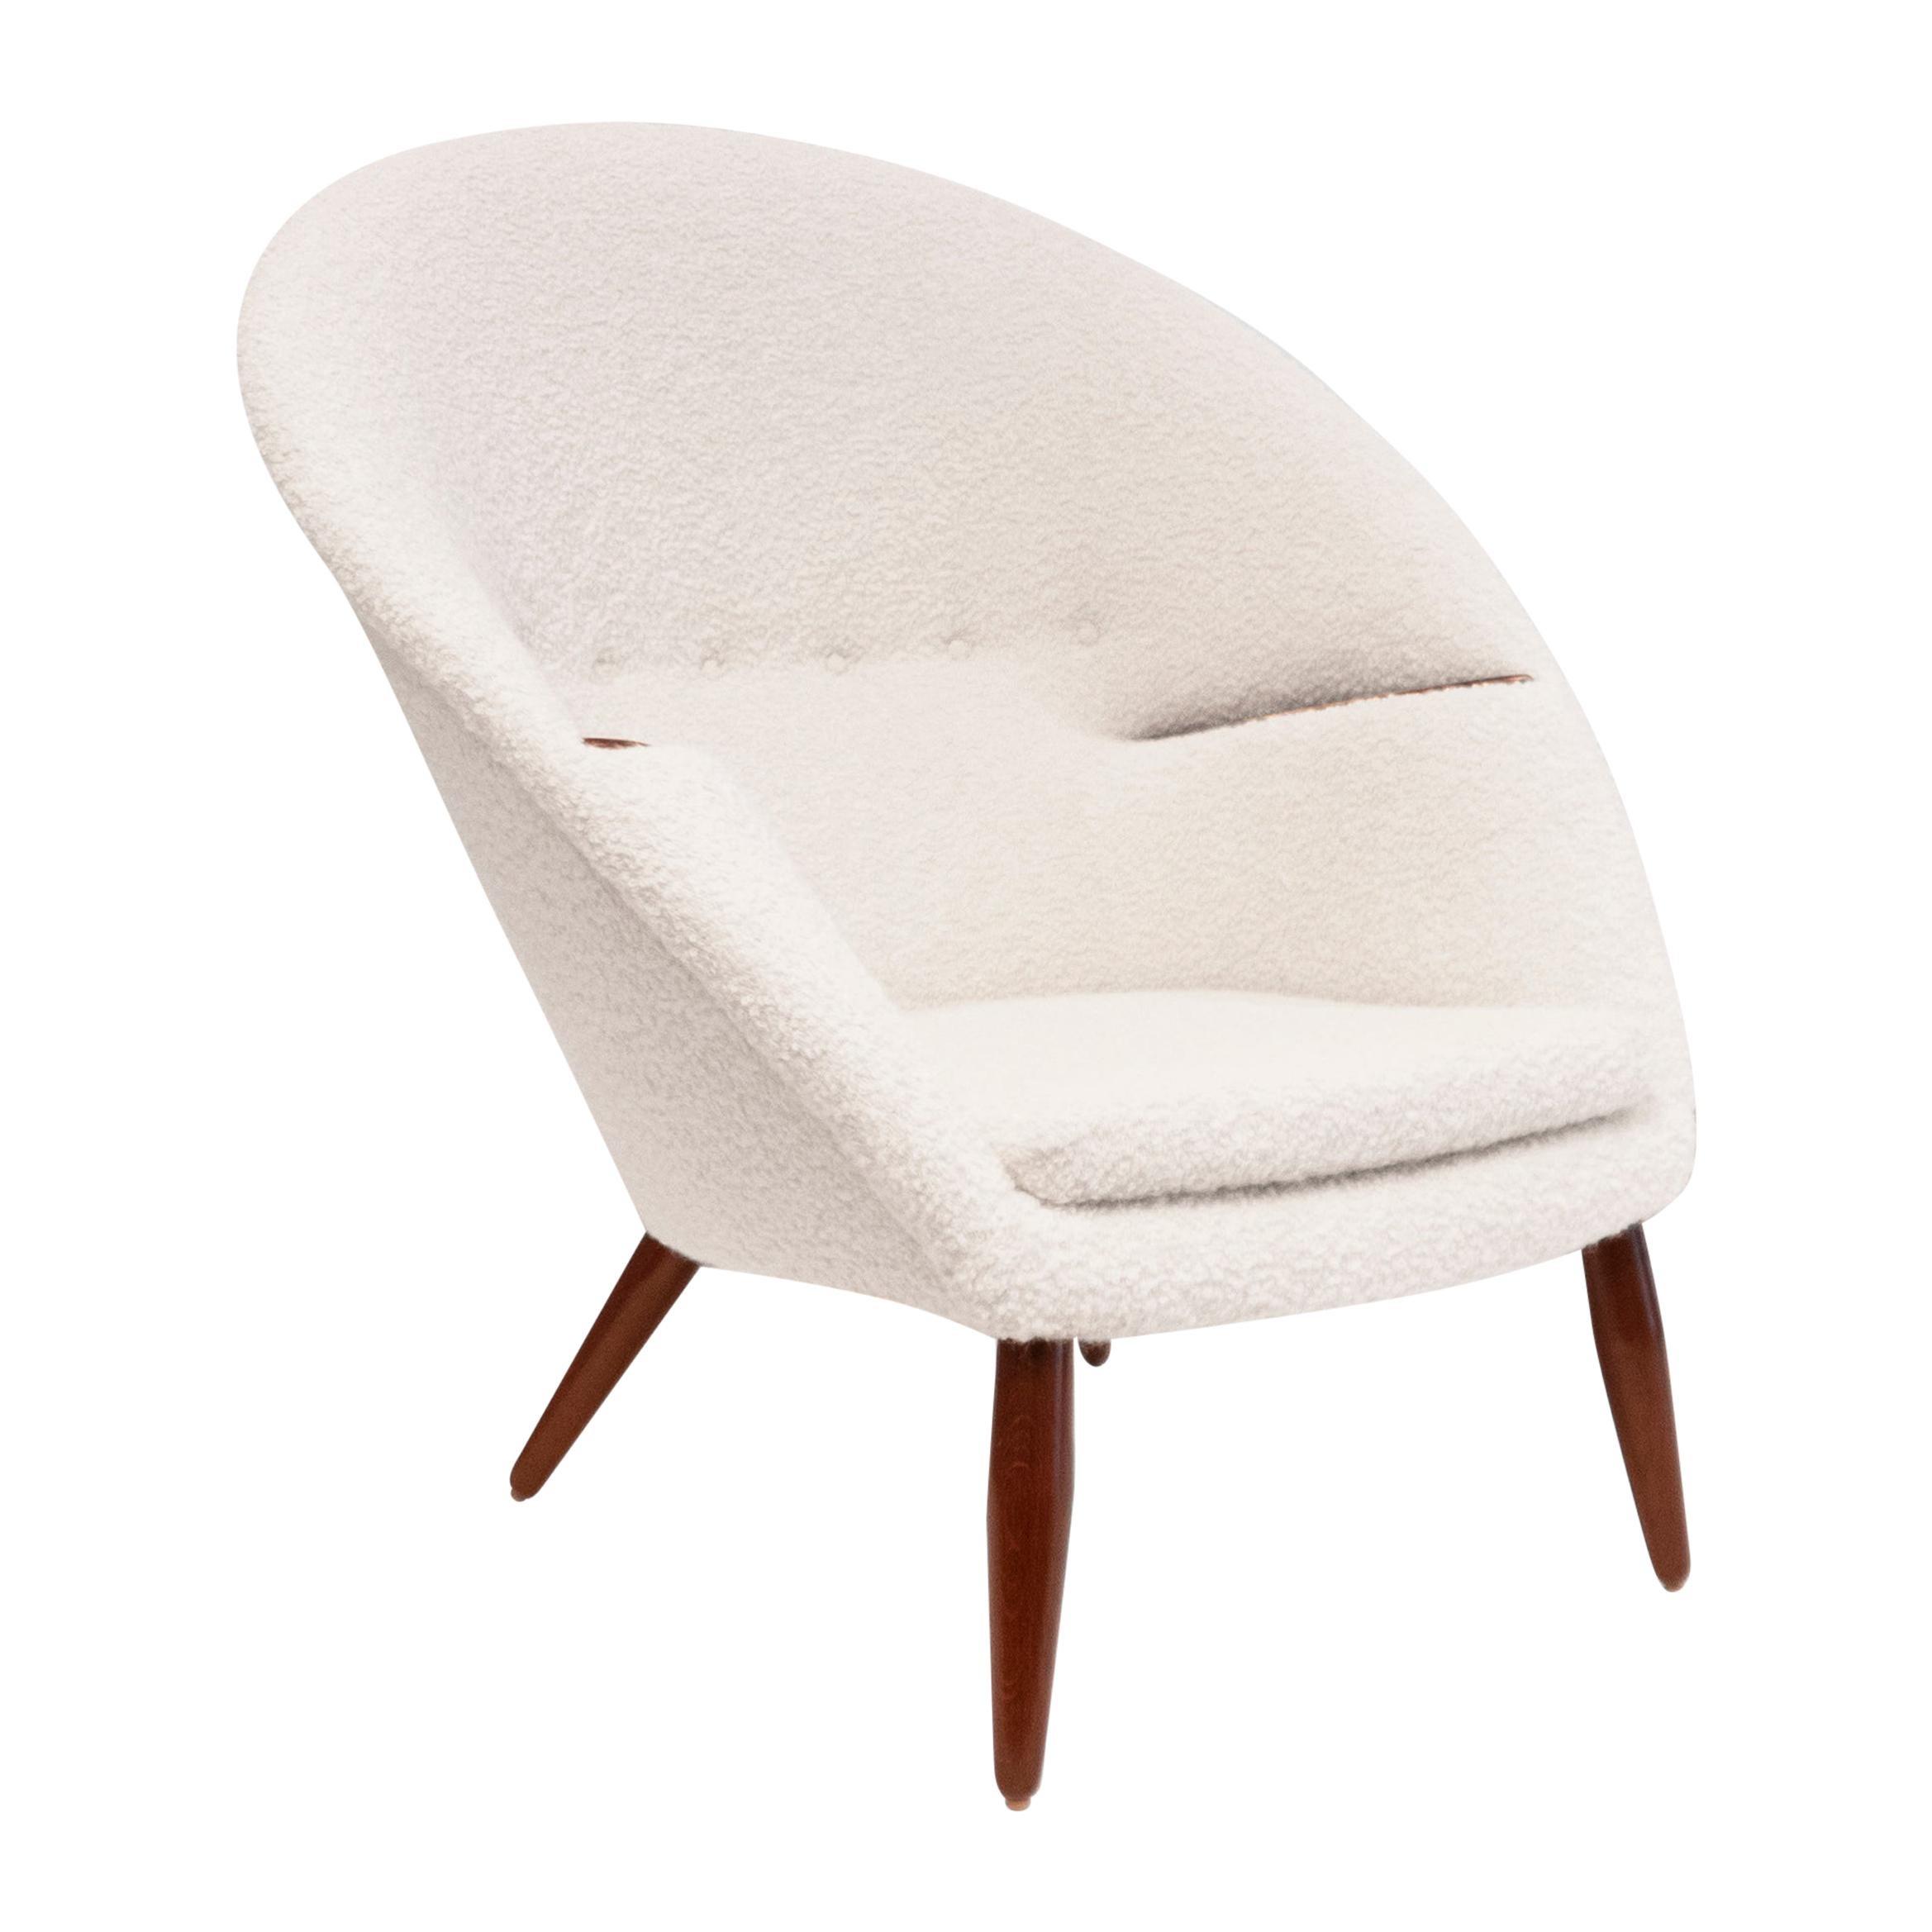 Nanna Ditzel Lounge Chair, circa 1950s